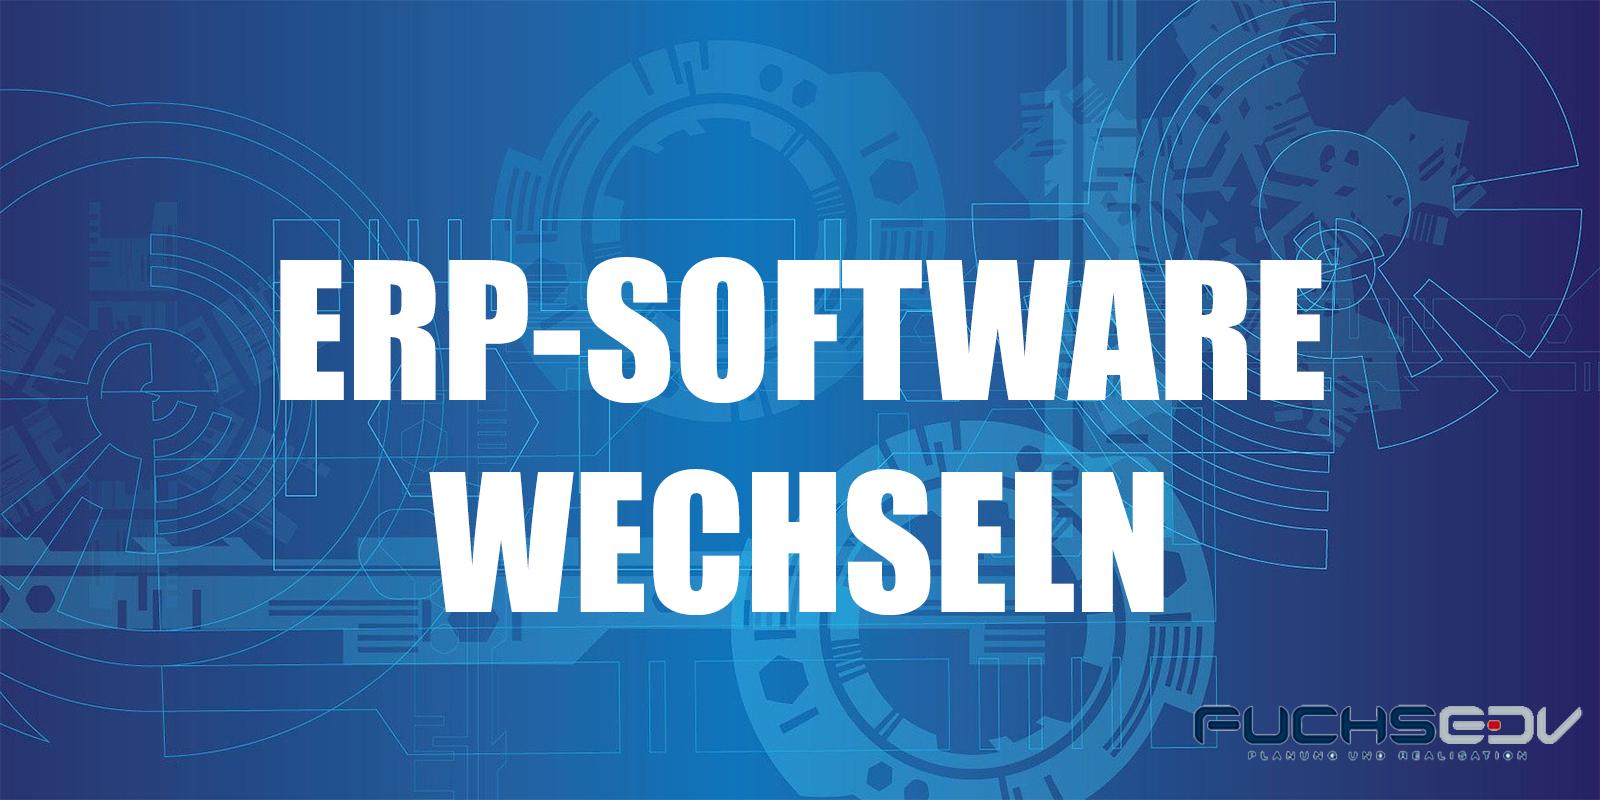 ERP-Software - 5 Tipps, um eine neue ERP-Lösung zu finden 5